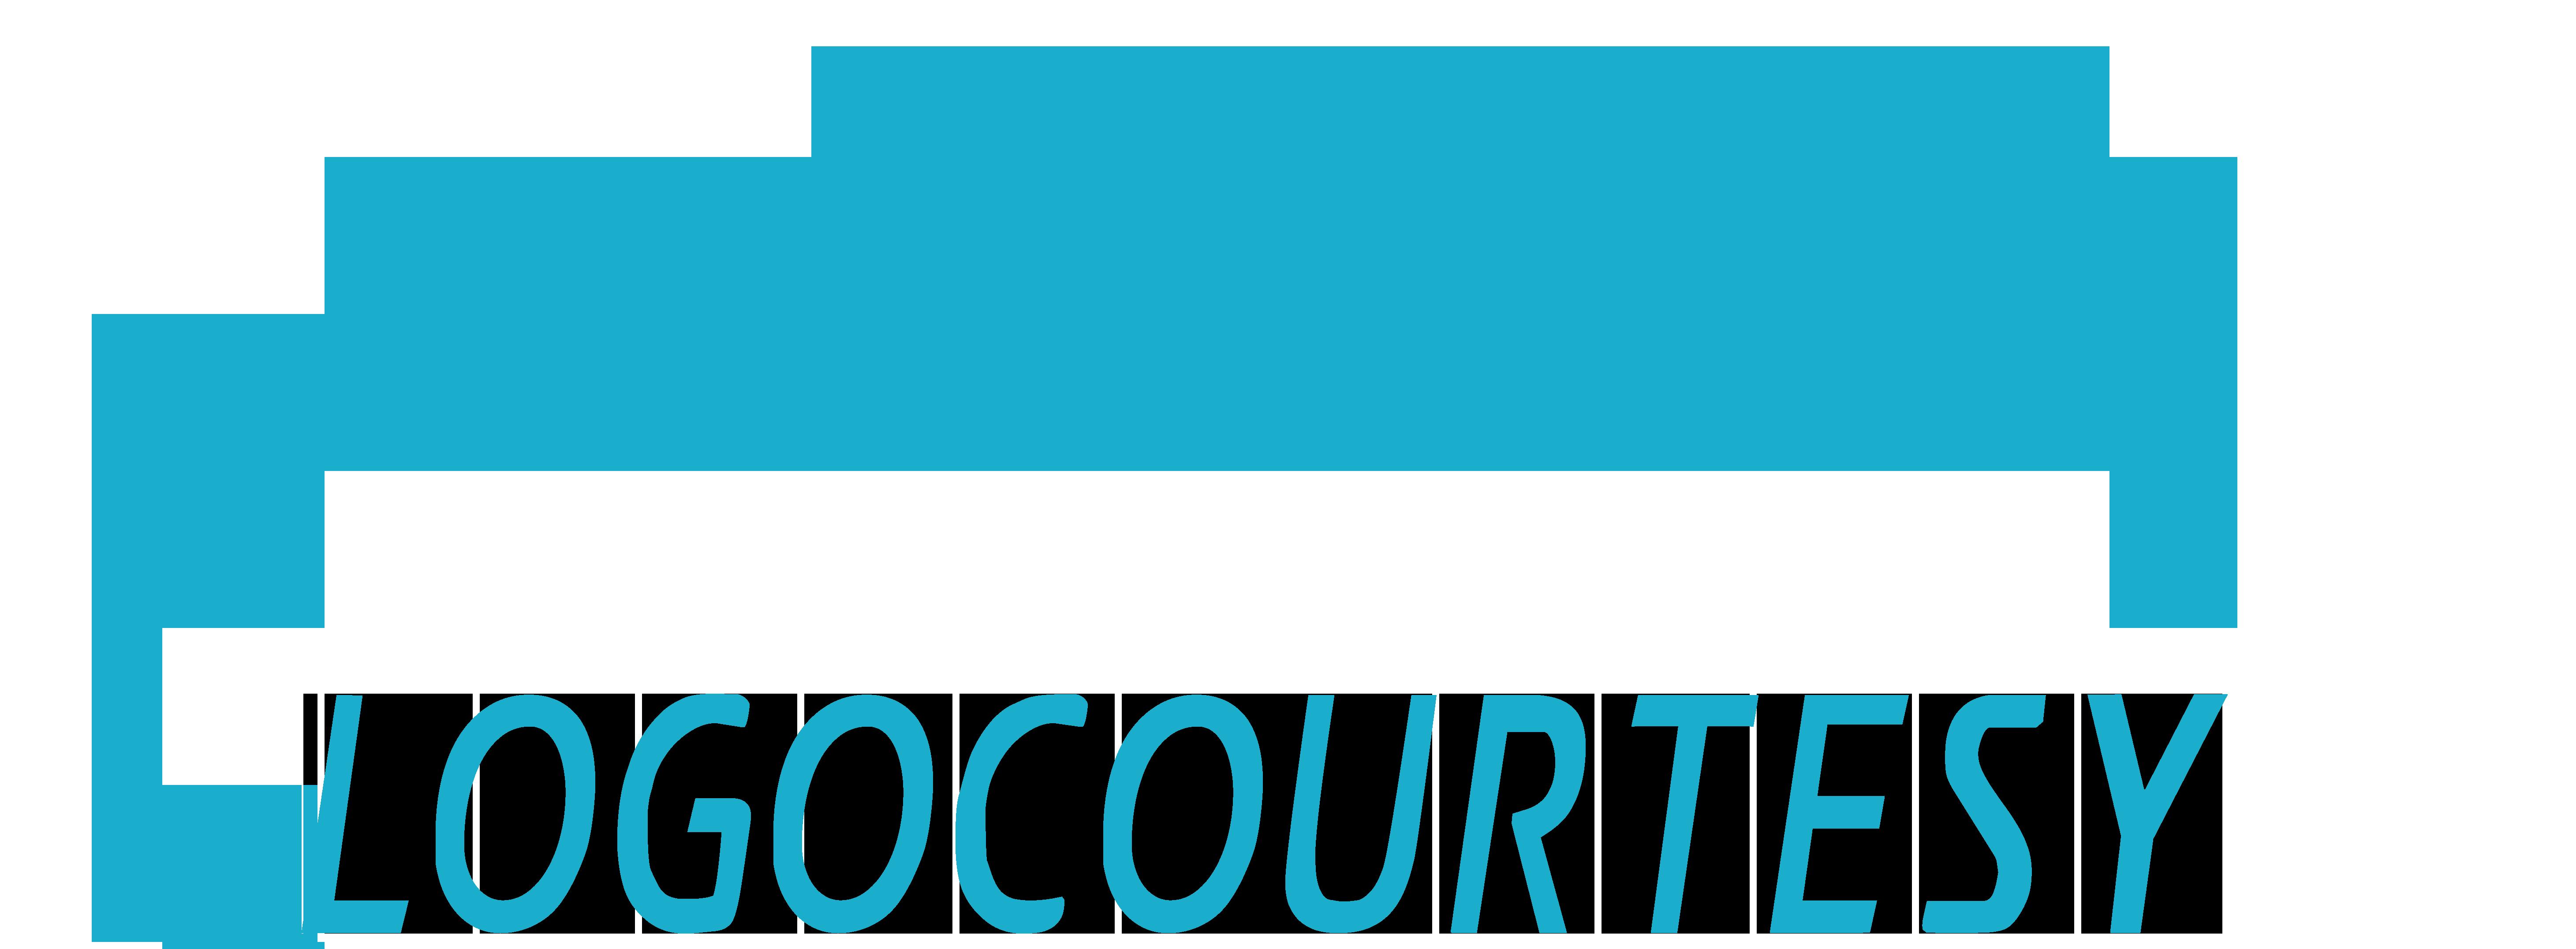 logocourtesy